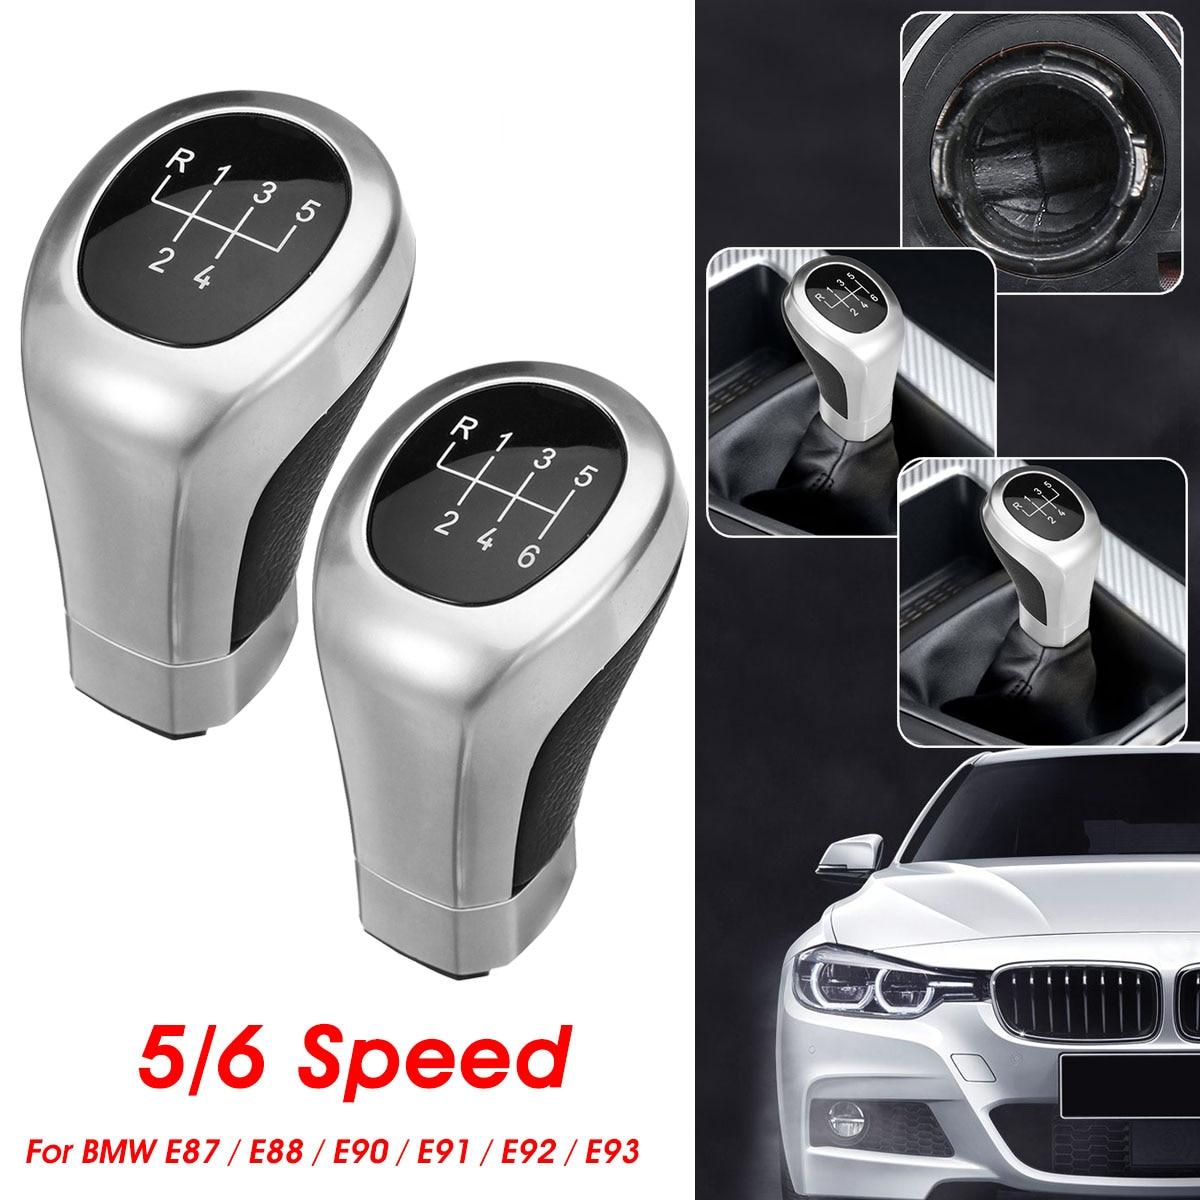 5 Speed 6 Speed Gear Shift Knob Lever Shifter Knob Gearstick For BMW 1 3 series E81 E87 E88 E82 E90 E91 E92 E93 LCI 2006-2011